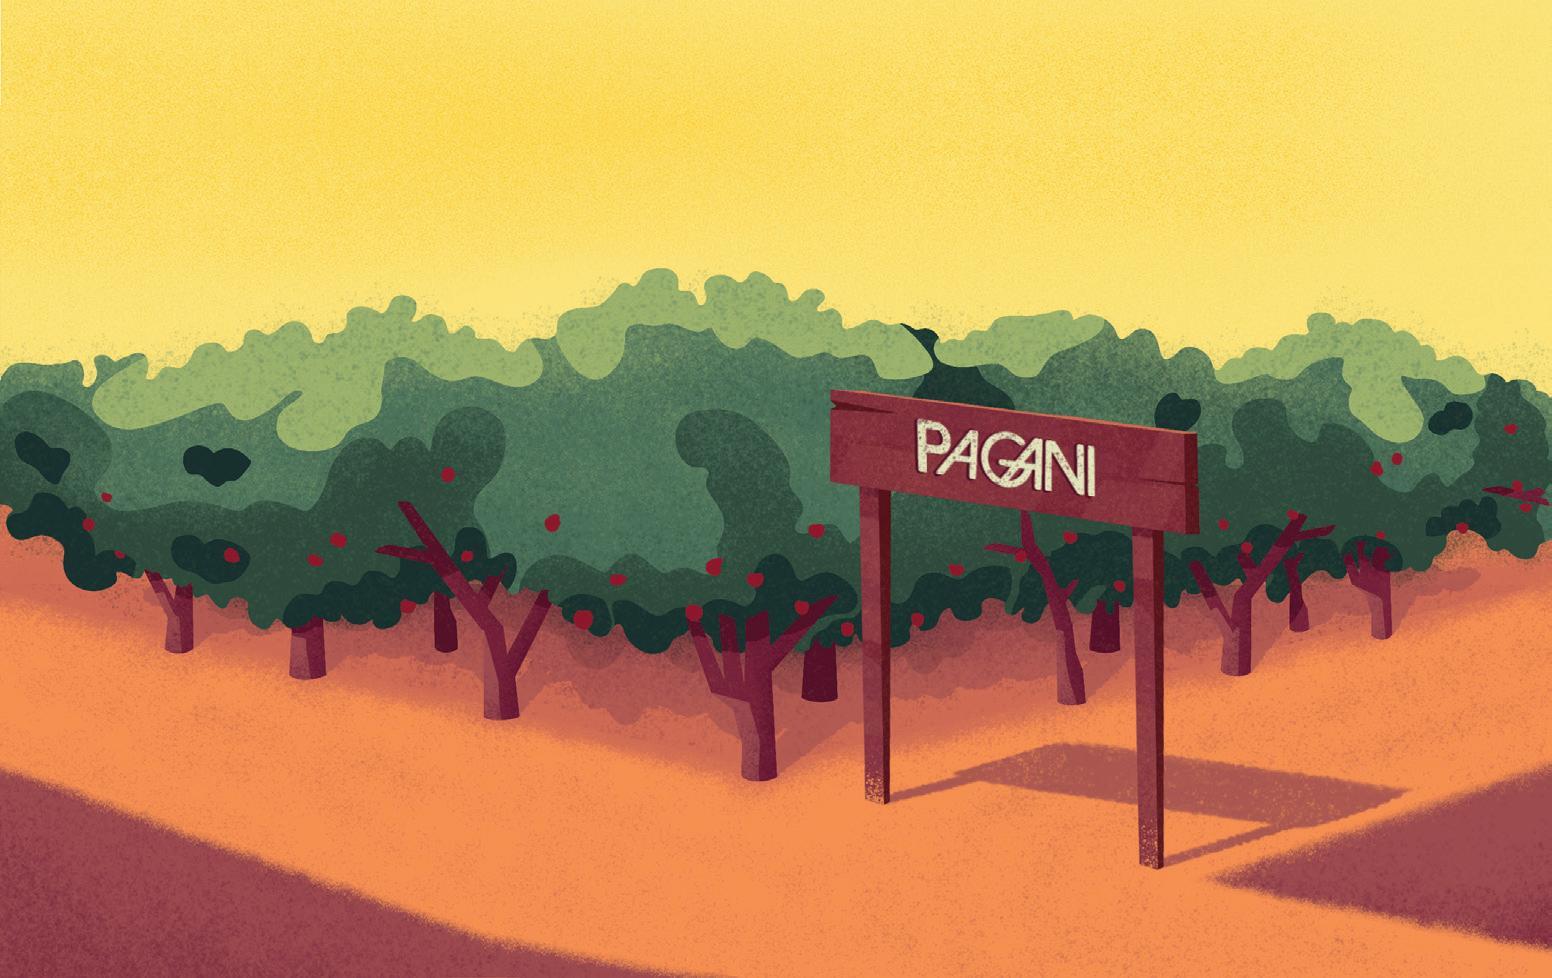 Page 34 of PAGANI